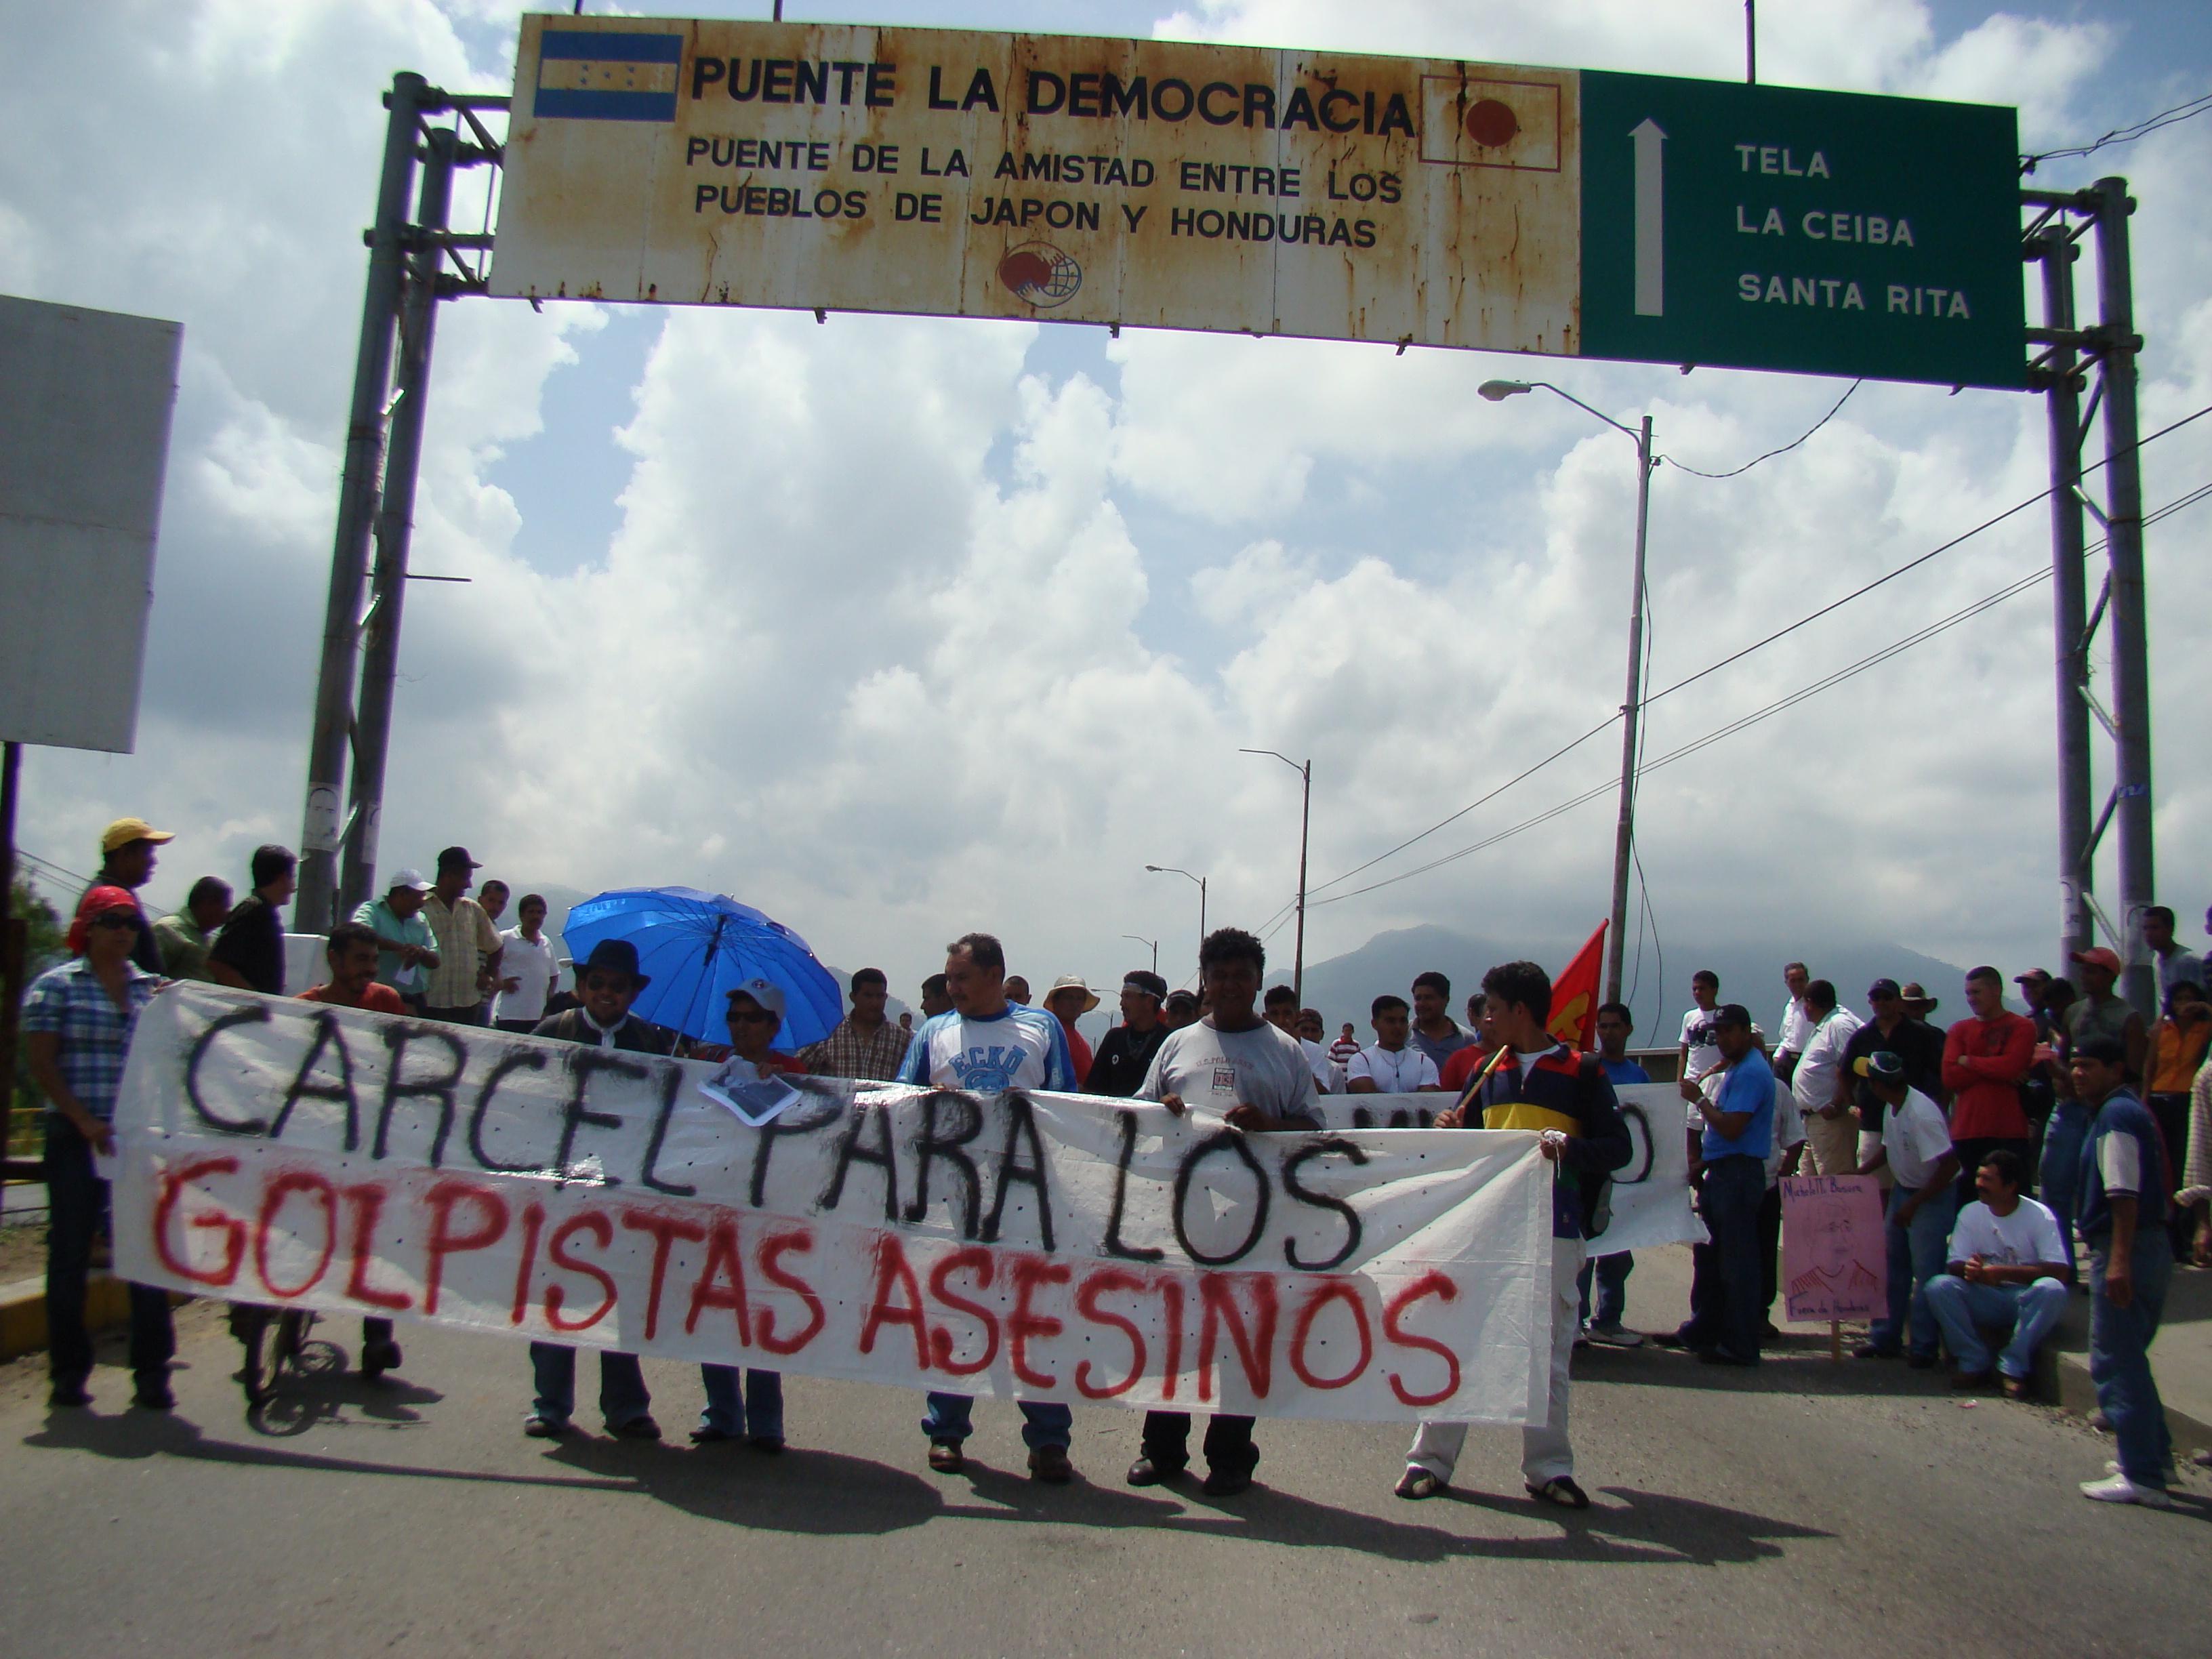 DSC00256zl42193.JPG-Honduras continúa en resistencia contra el Golpe de Estado.